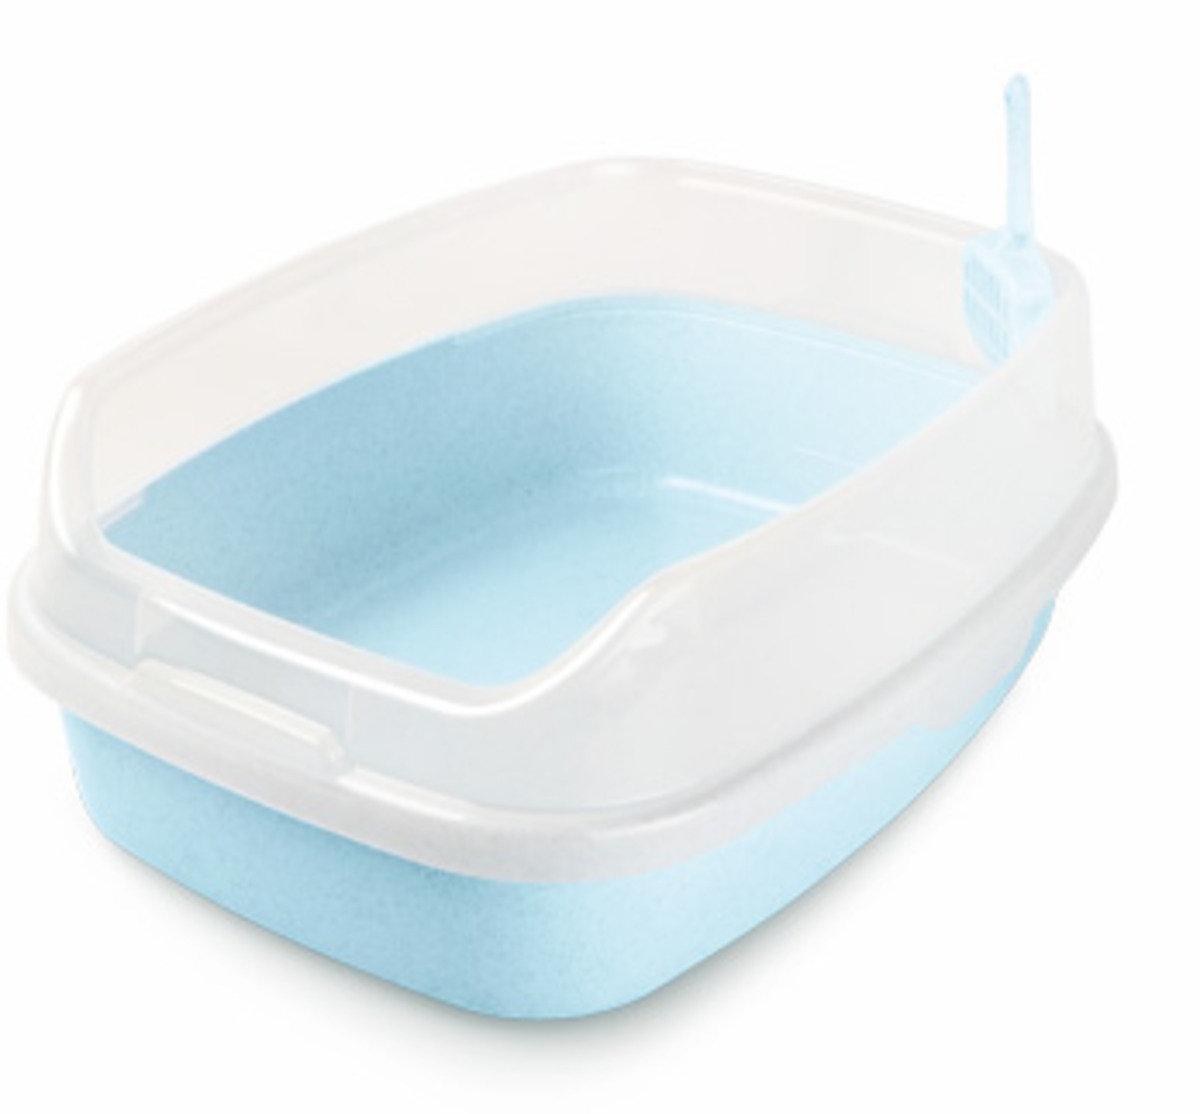 特大豪華無蓋貓廁所(藍色)